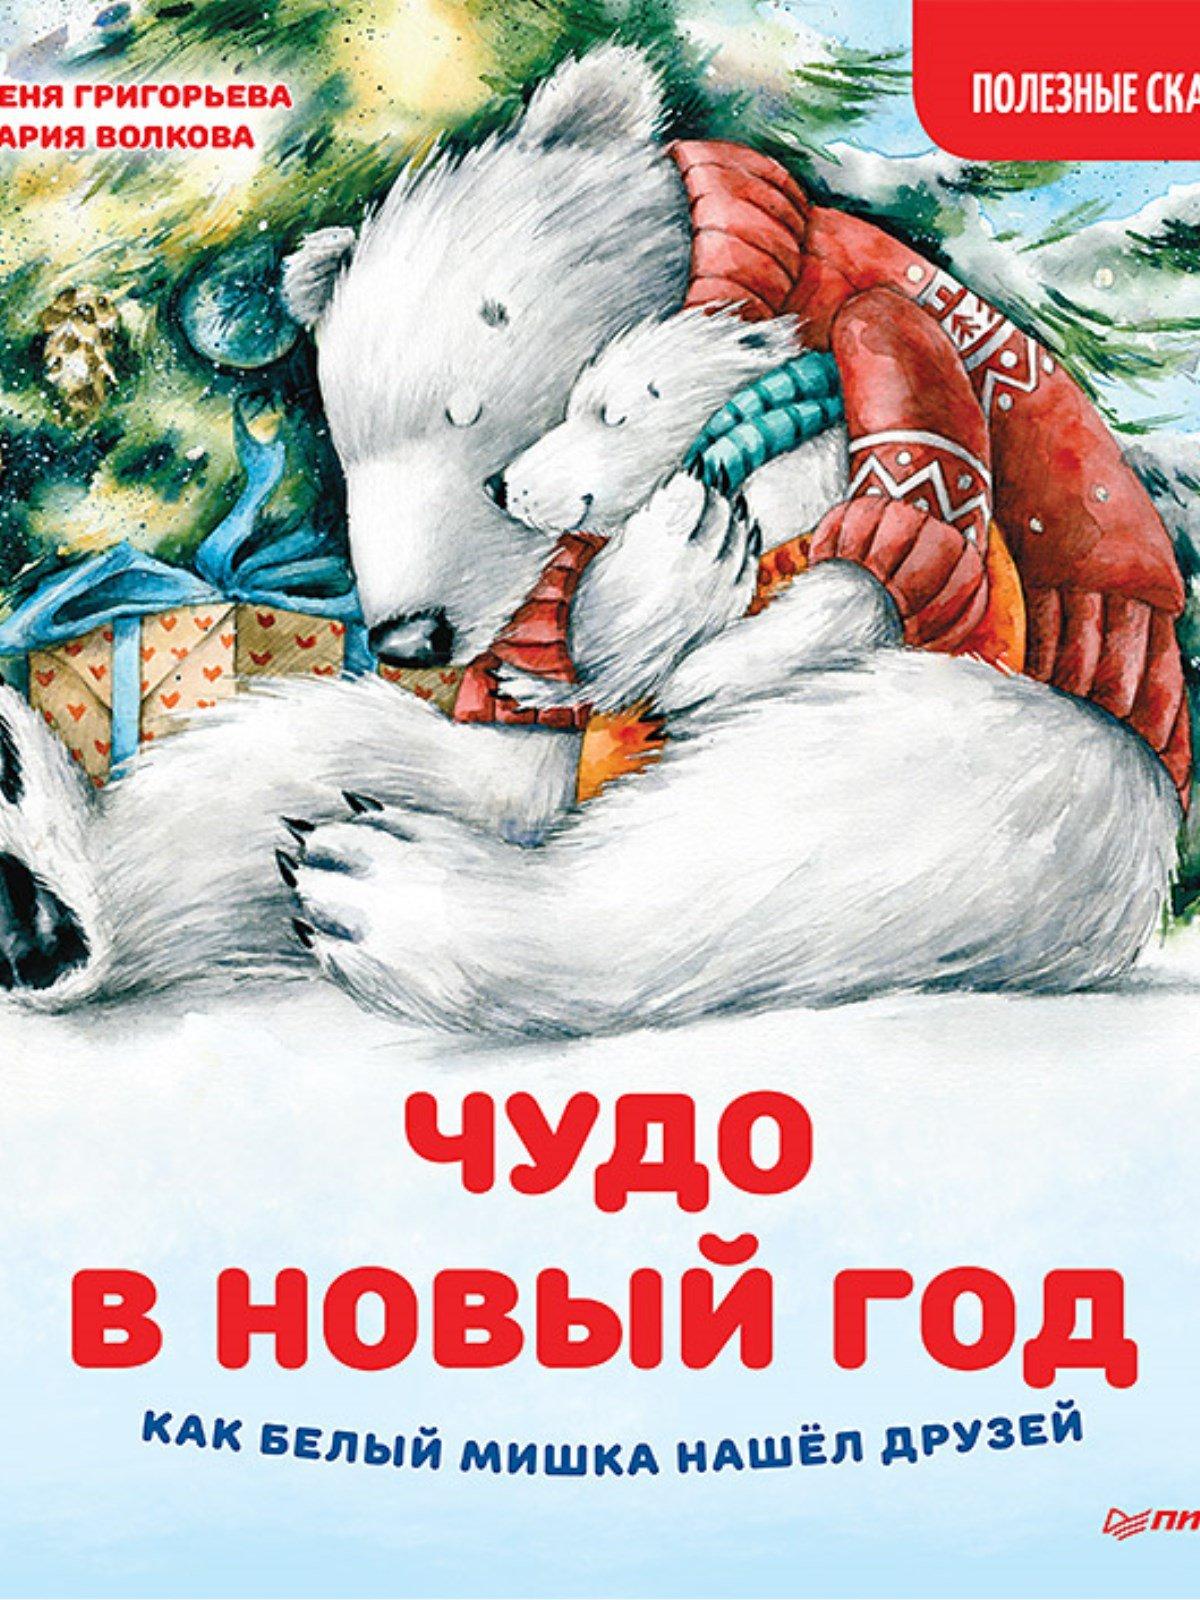 Волкова М.А., Григорьева Женя Чудо в Новый год: как Белый Мишка нашёл друзей. Полезные сказки волкова н новый год в лесу